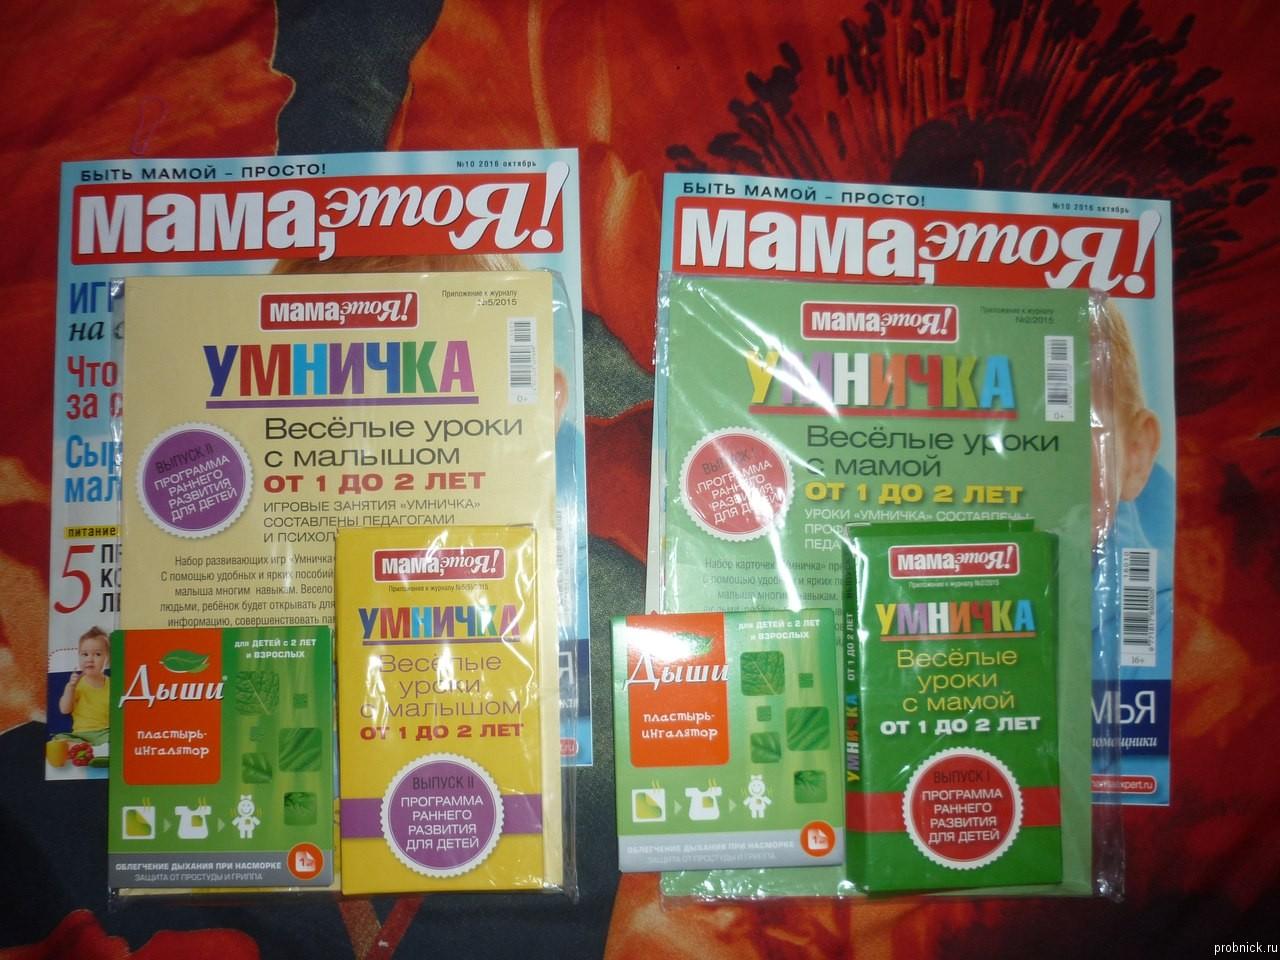 mama_eto_ya_oct_16